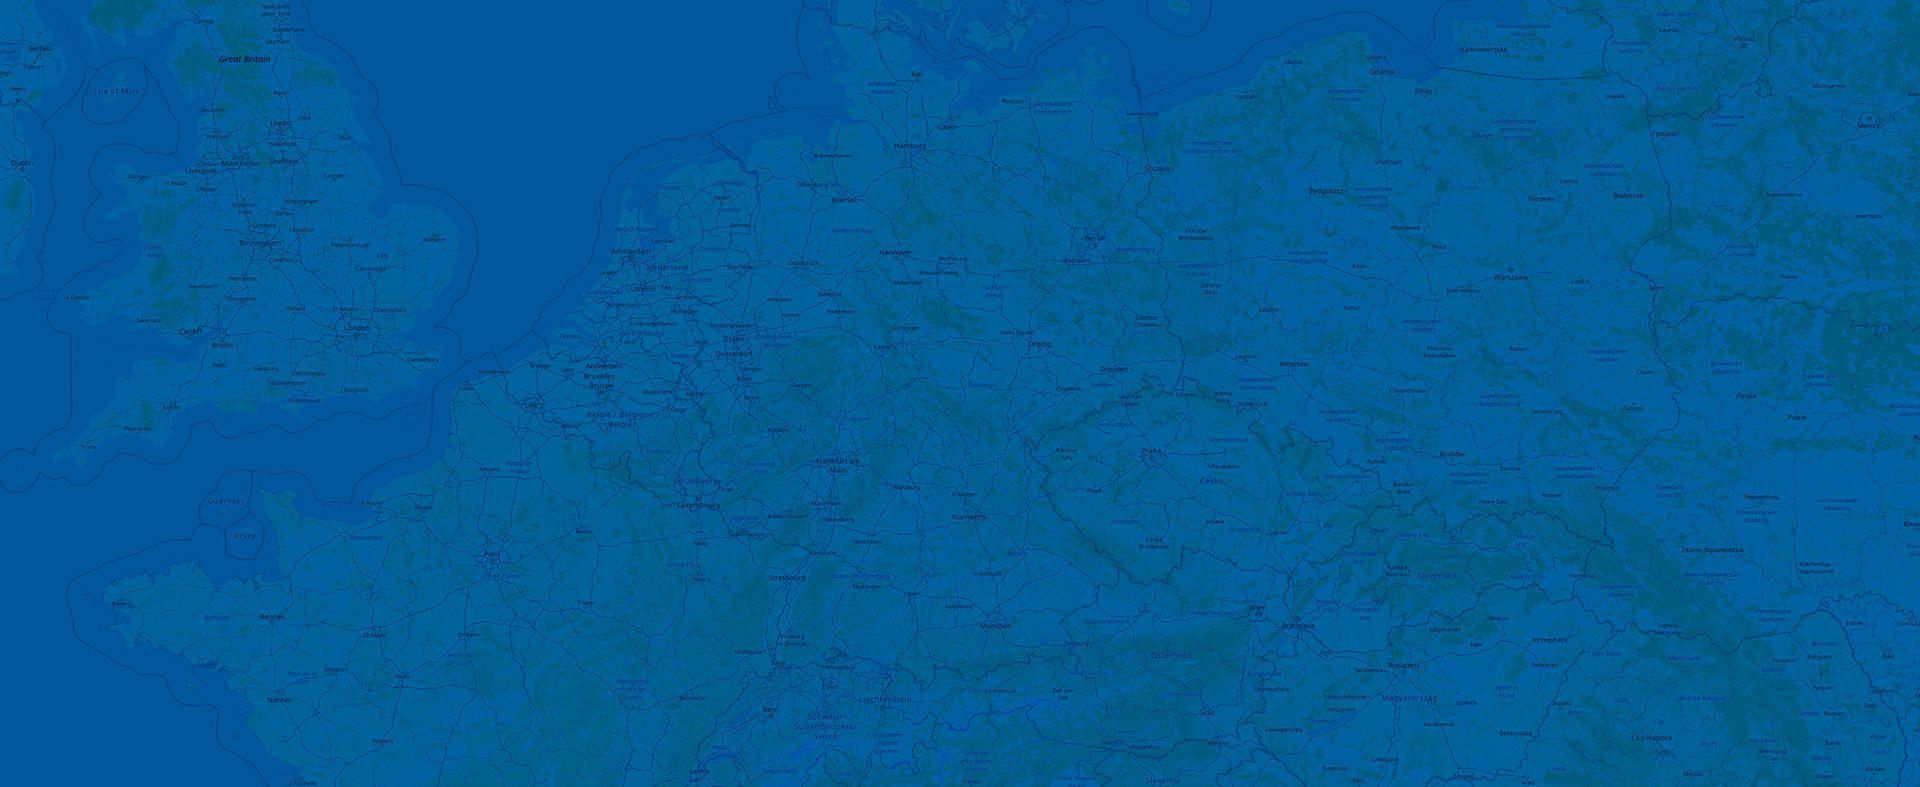 Blau eingefärbte Karte von Deutschland